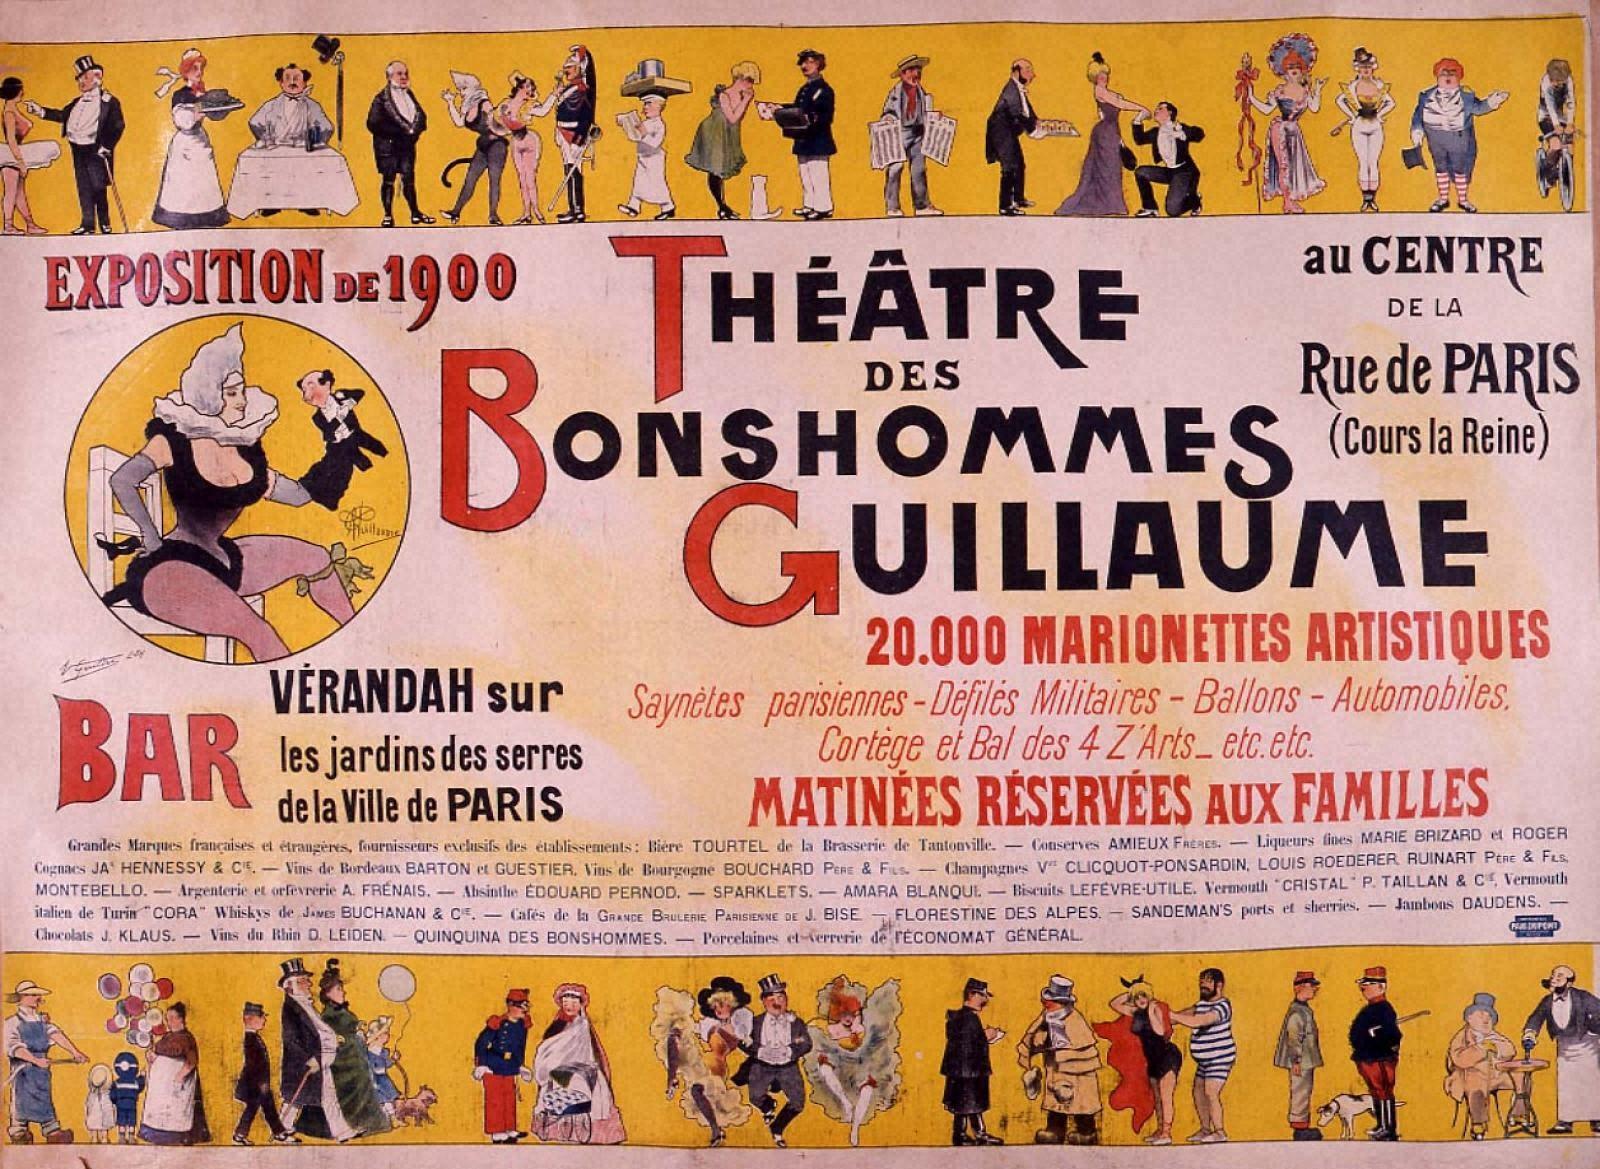 ギョーム人形劇場-1900年パリ万国博覧会